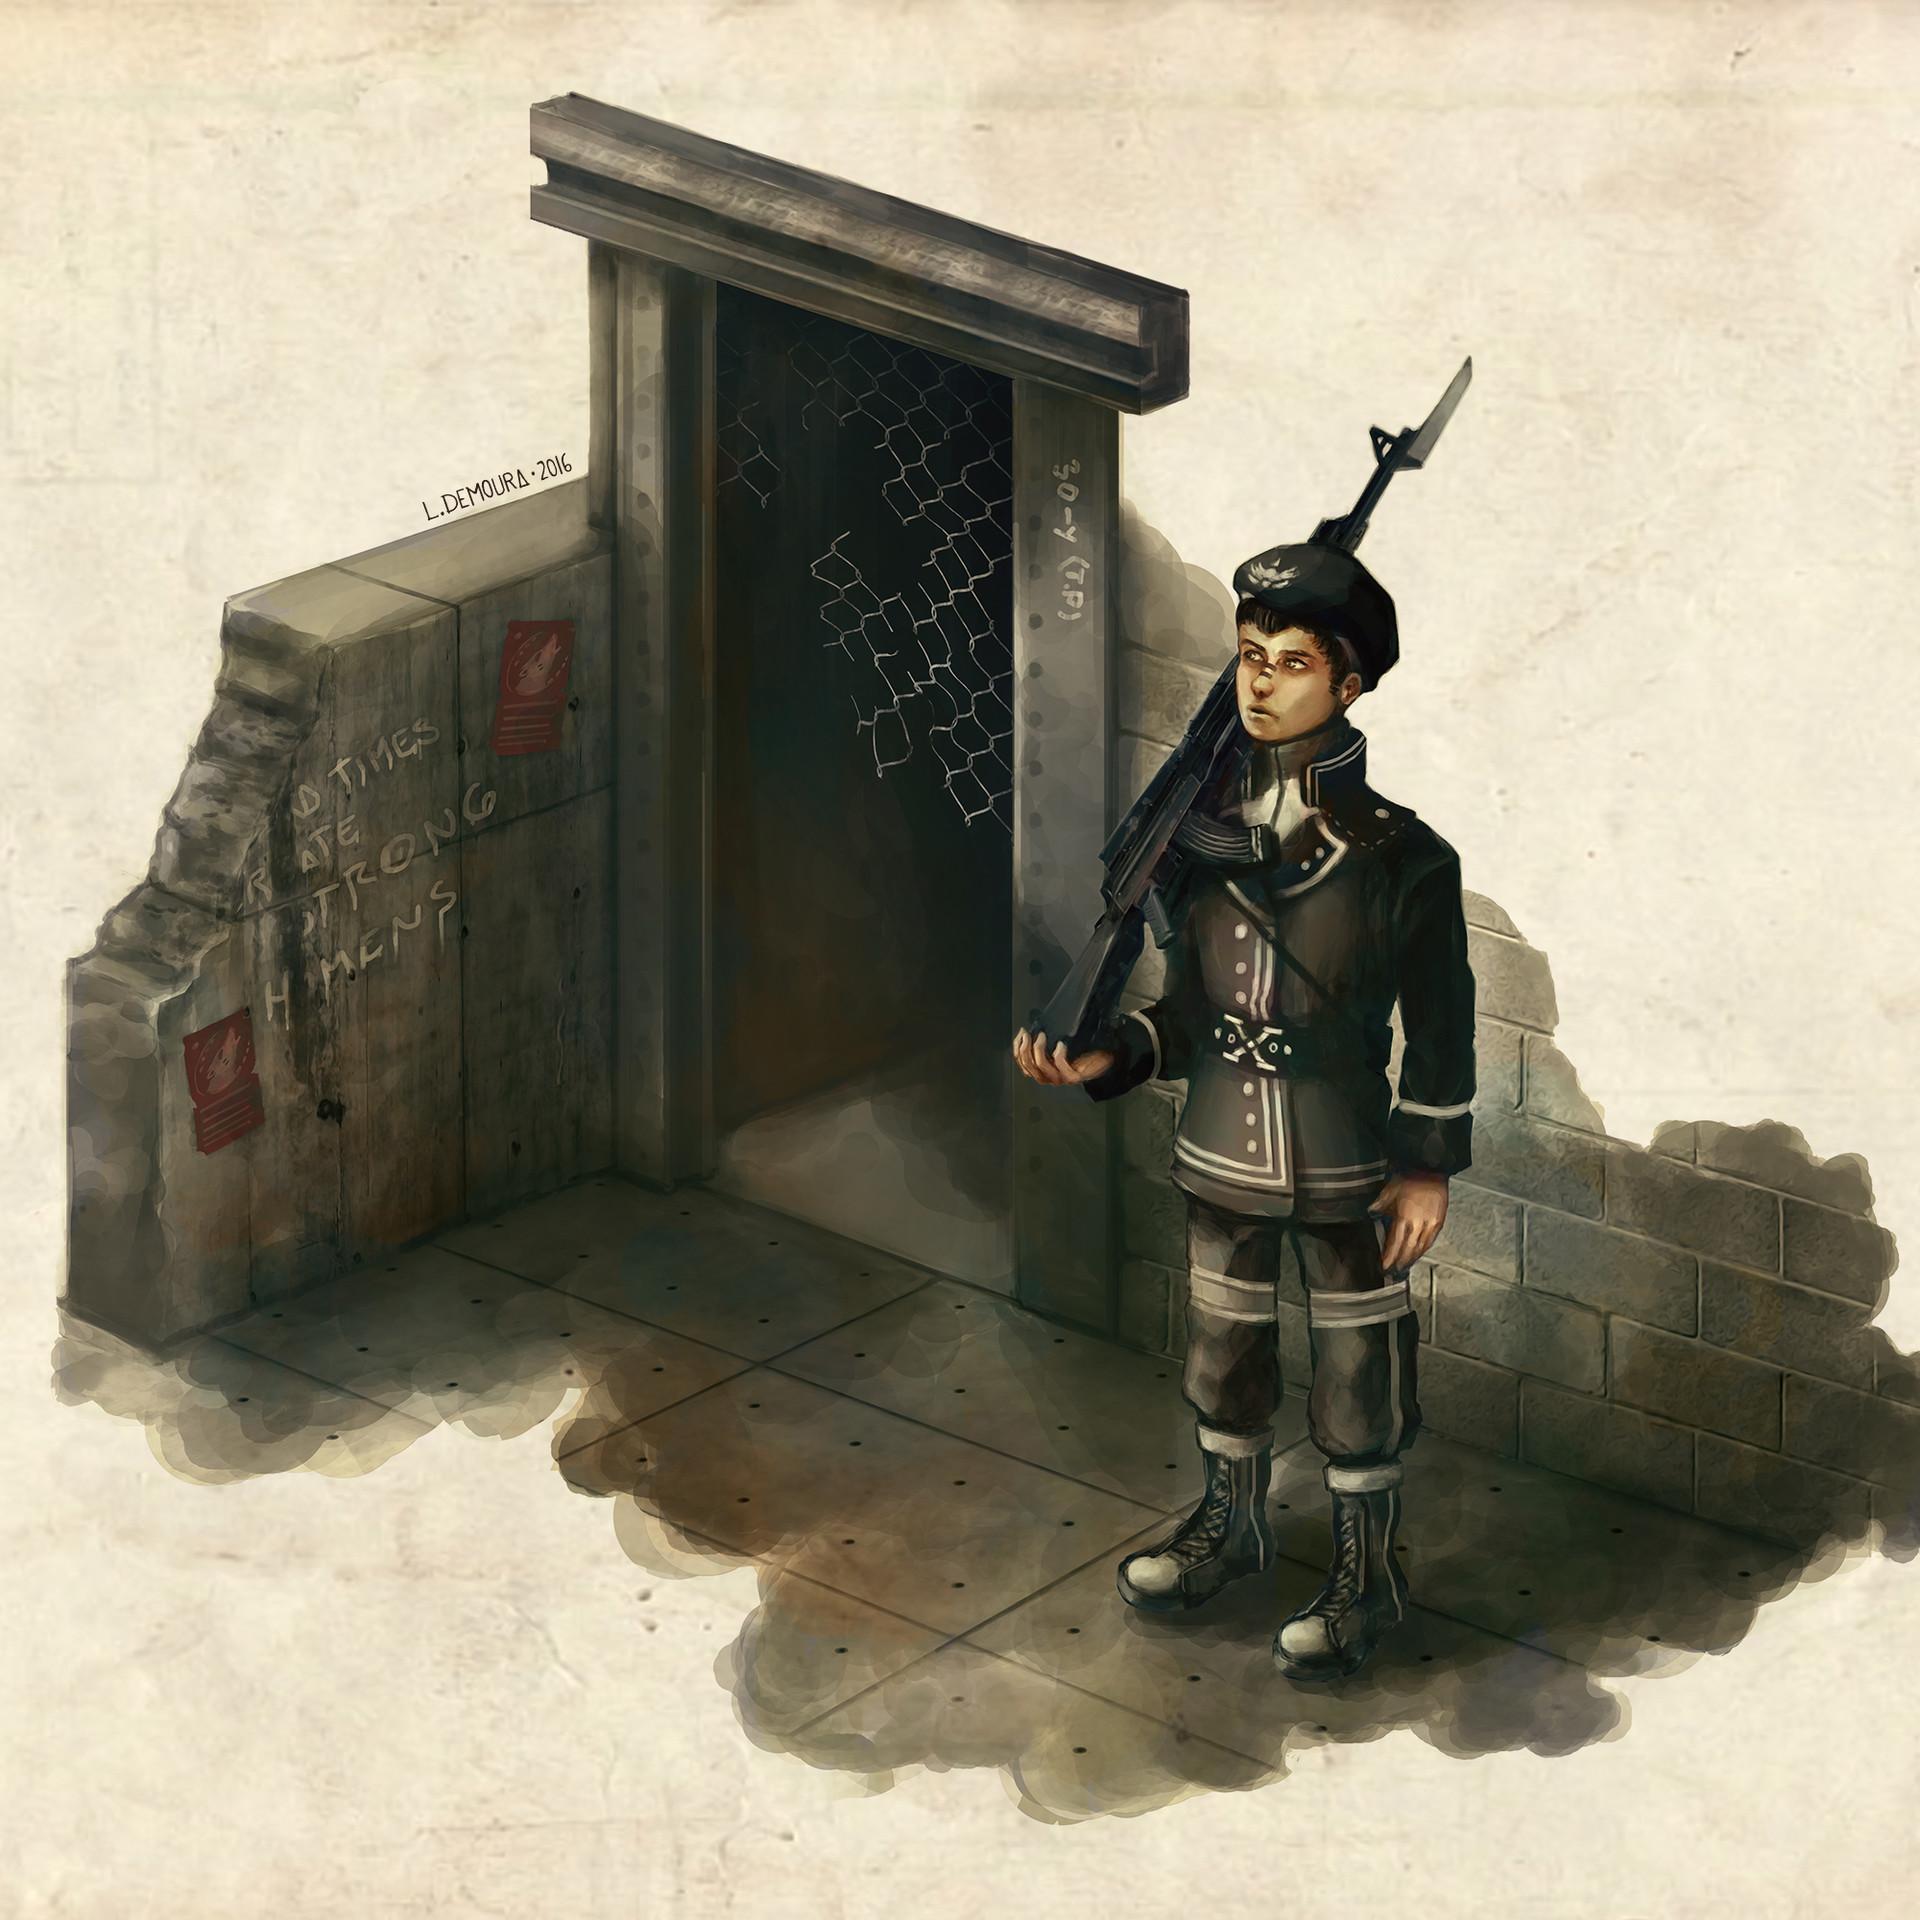 Leo de moura soldier x